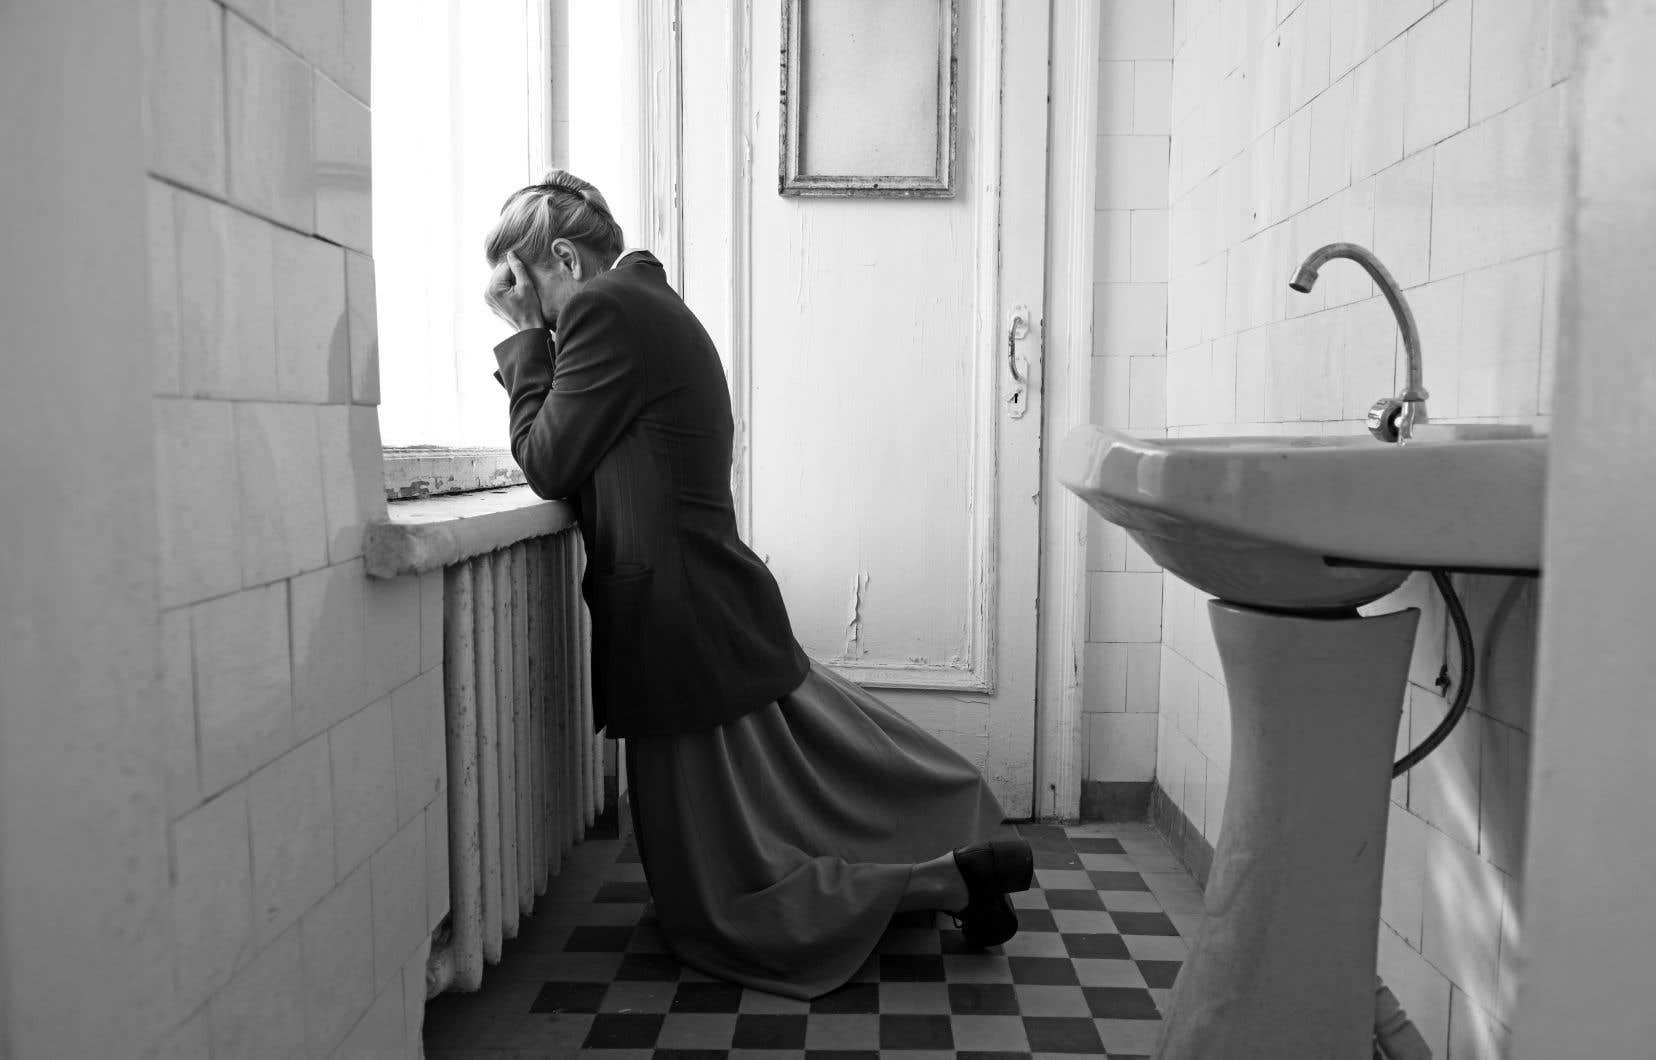 Outre son cachet en phase avec l'époque, le noir et blanc du film offre un écho visuel à la mentalité et aux agissements montrés.